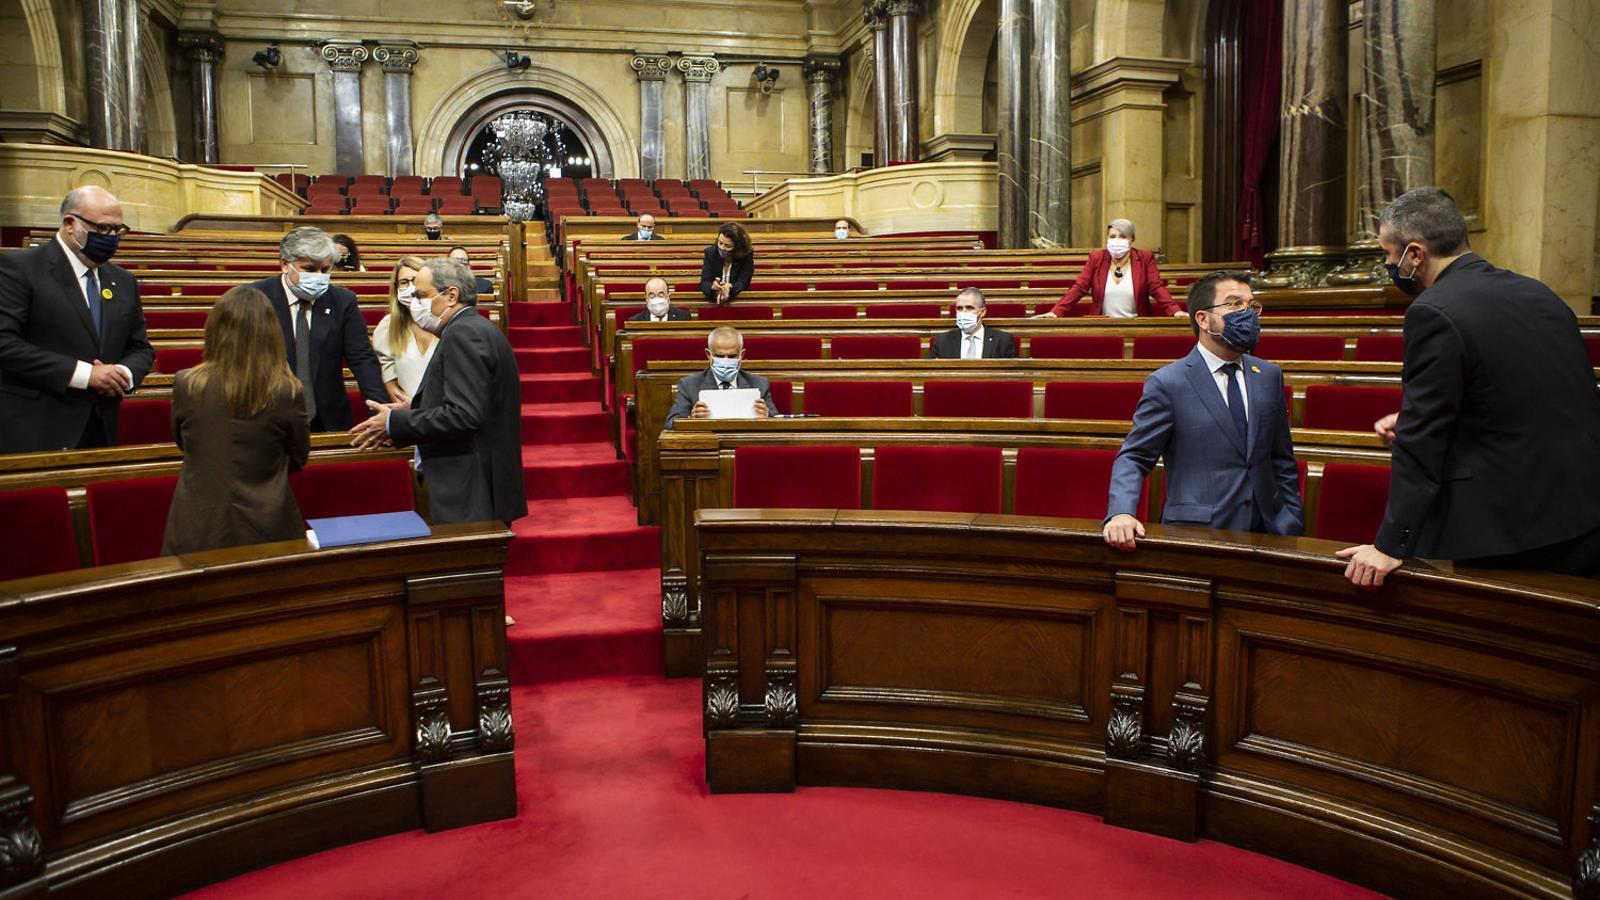 El president Torra, a la dreta, parlant amb membres del grup parlamentari de JxCat i el vicepresident Pere Aragonès, a l'altra banda de l'hemicicle, abans de l'inici del debat de política general que ha tingut lloc aquesta setmana.